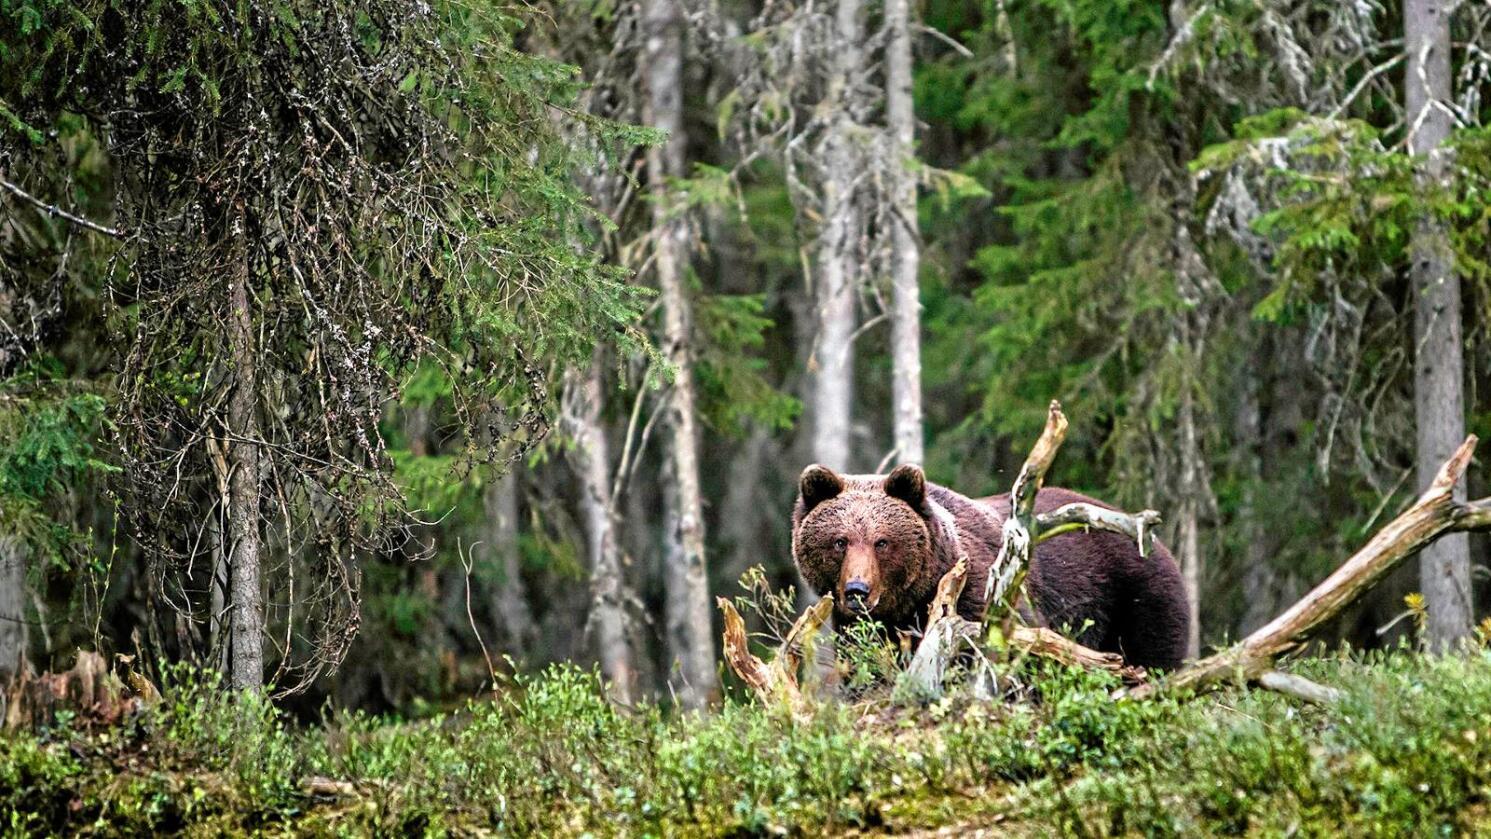 Bjørneprosjektet: Ny og spennende forskning fra Det skandinaviske bjørneprosjektet viser at bjørnen kan bidra til å løse mange av menneskets helseproblemer, skriver kronikkforfatteren.Foto: Per Harald Olsen/NTNU